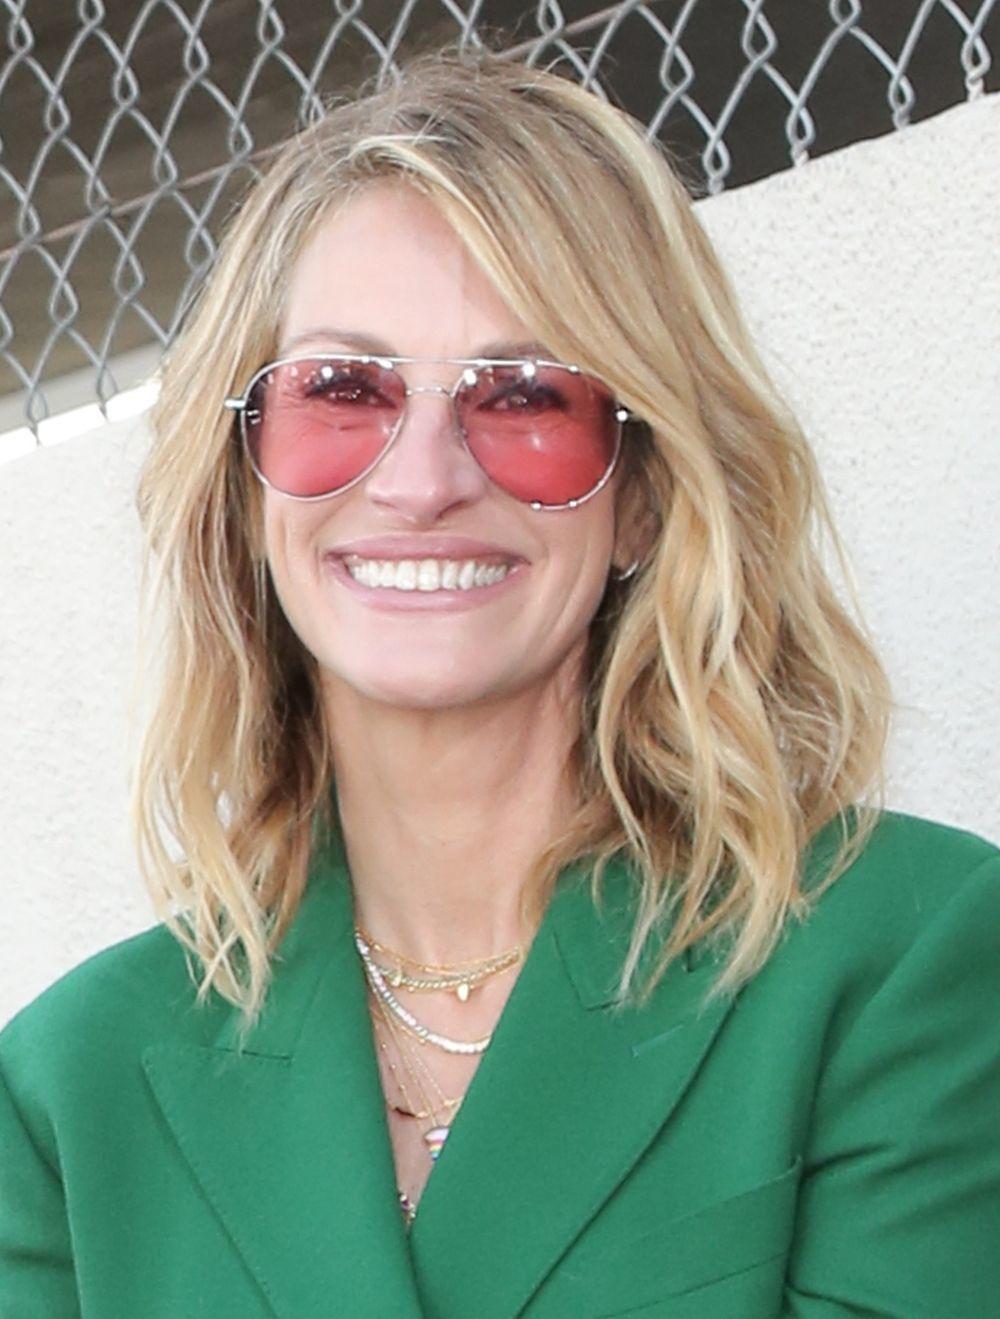 Las de aviador son el modelo elegido por Julia Roberts.